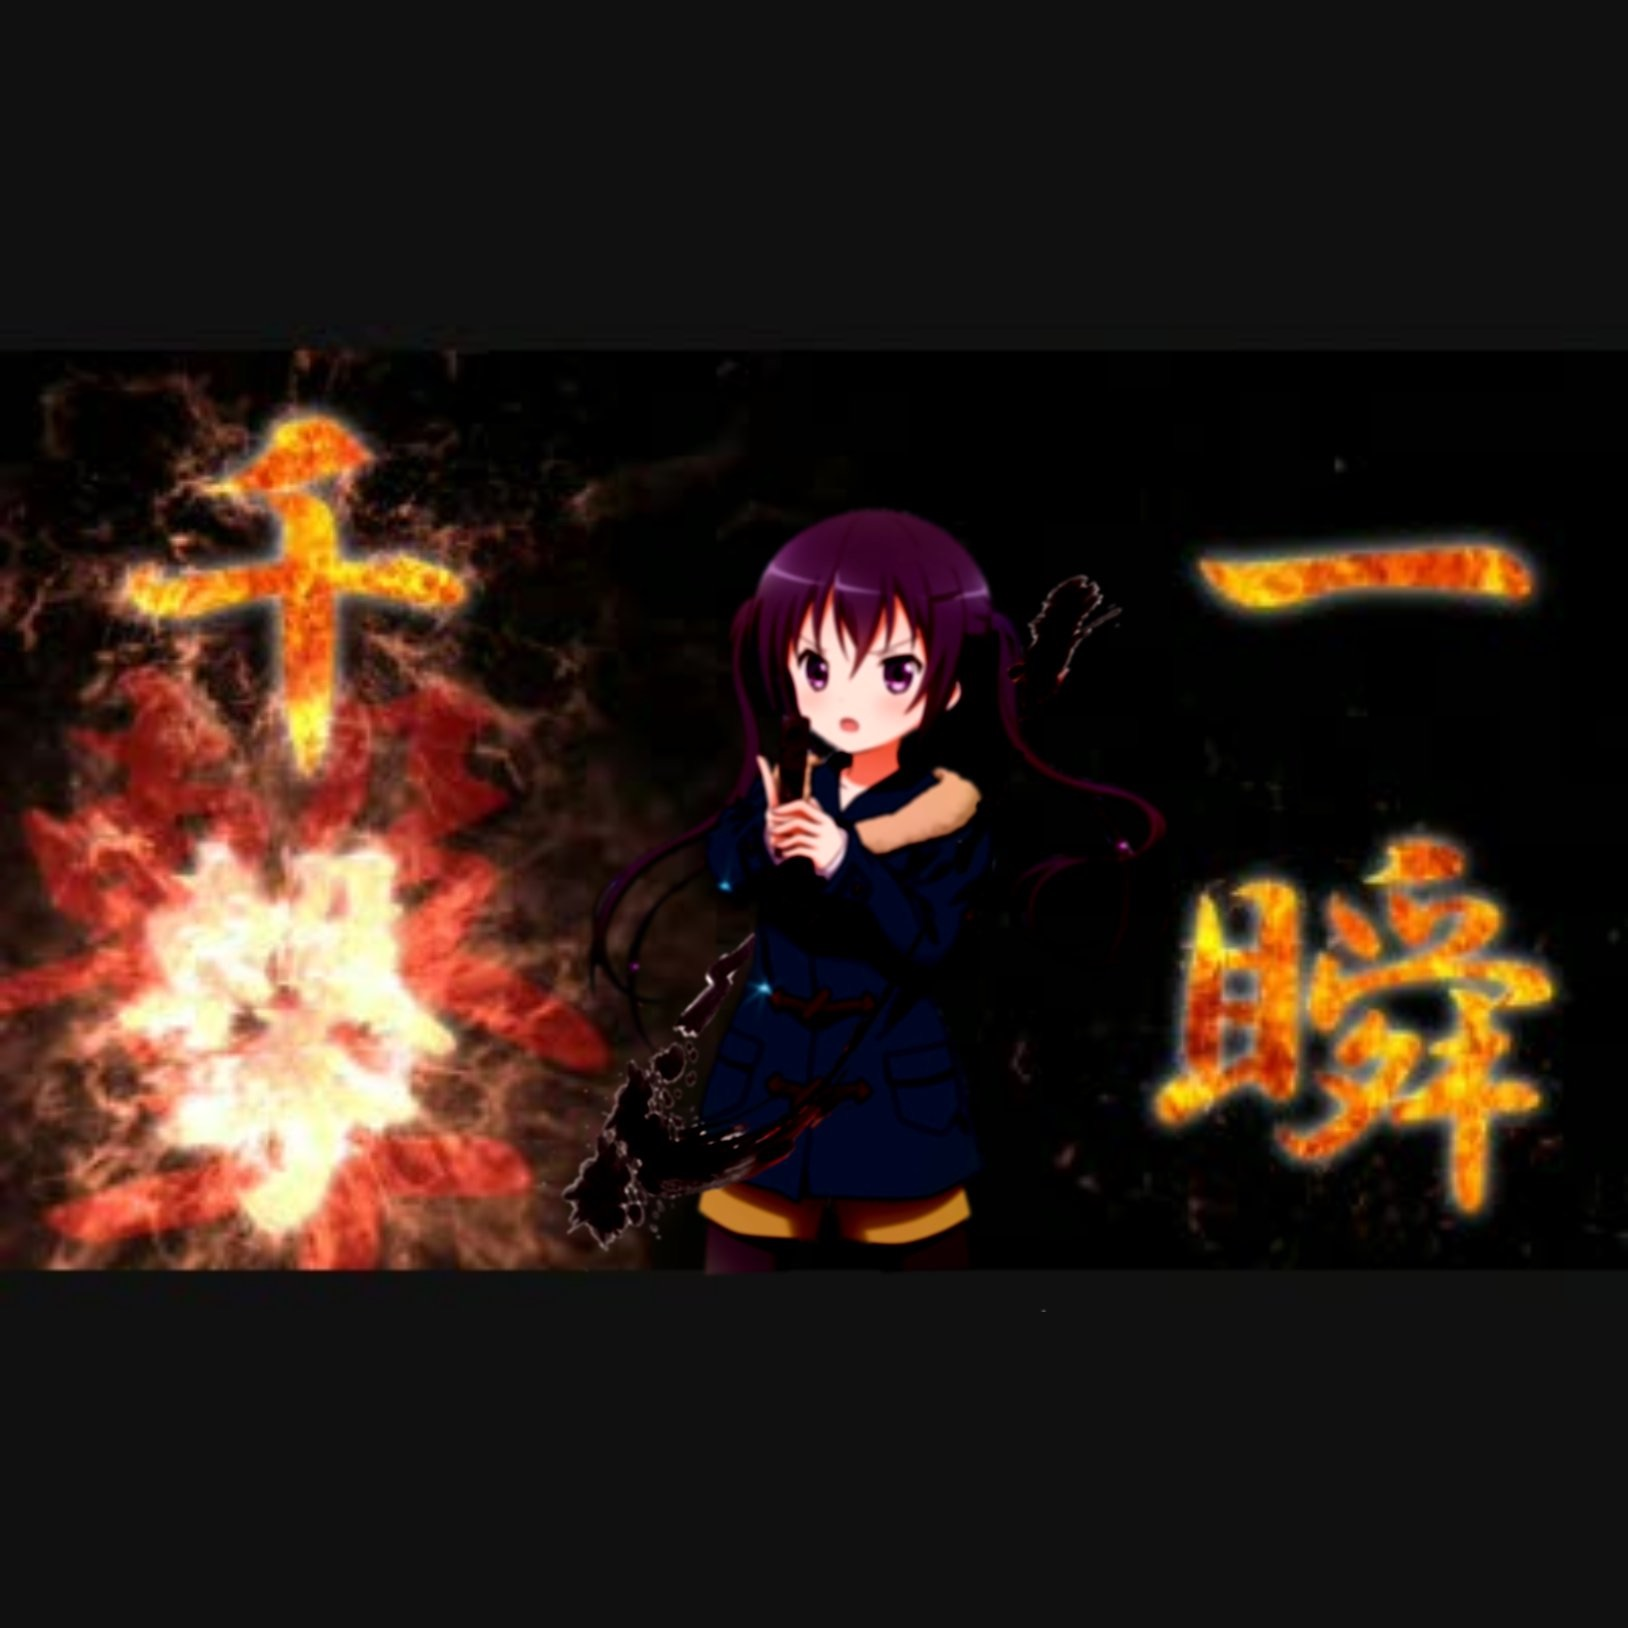 f:id:bandmewtwoyuyuko:20200520153318j:image